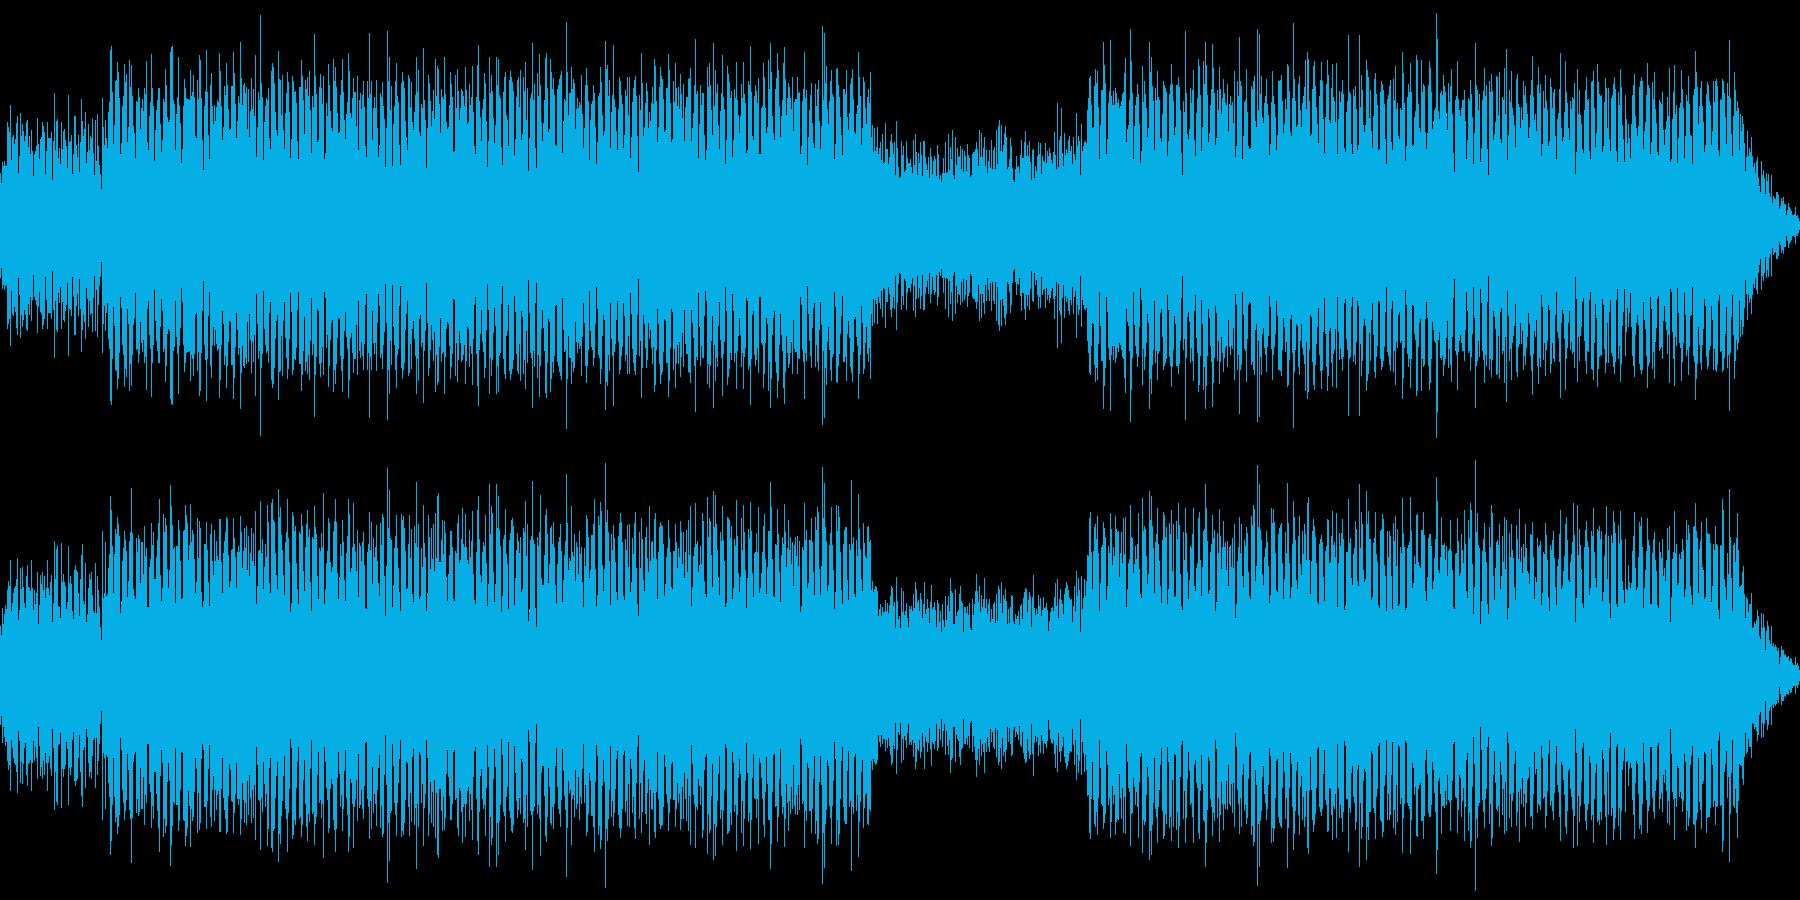 かっこいい感じ クール 宇宙感 ゲームの再生済みの波形